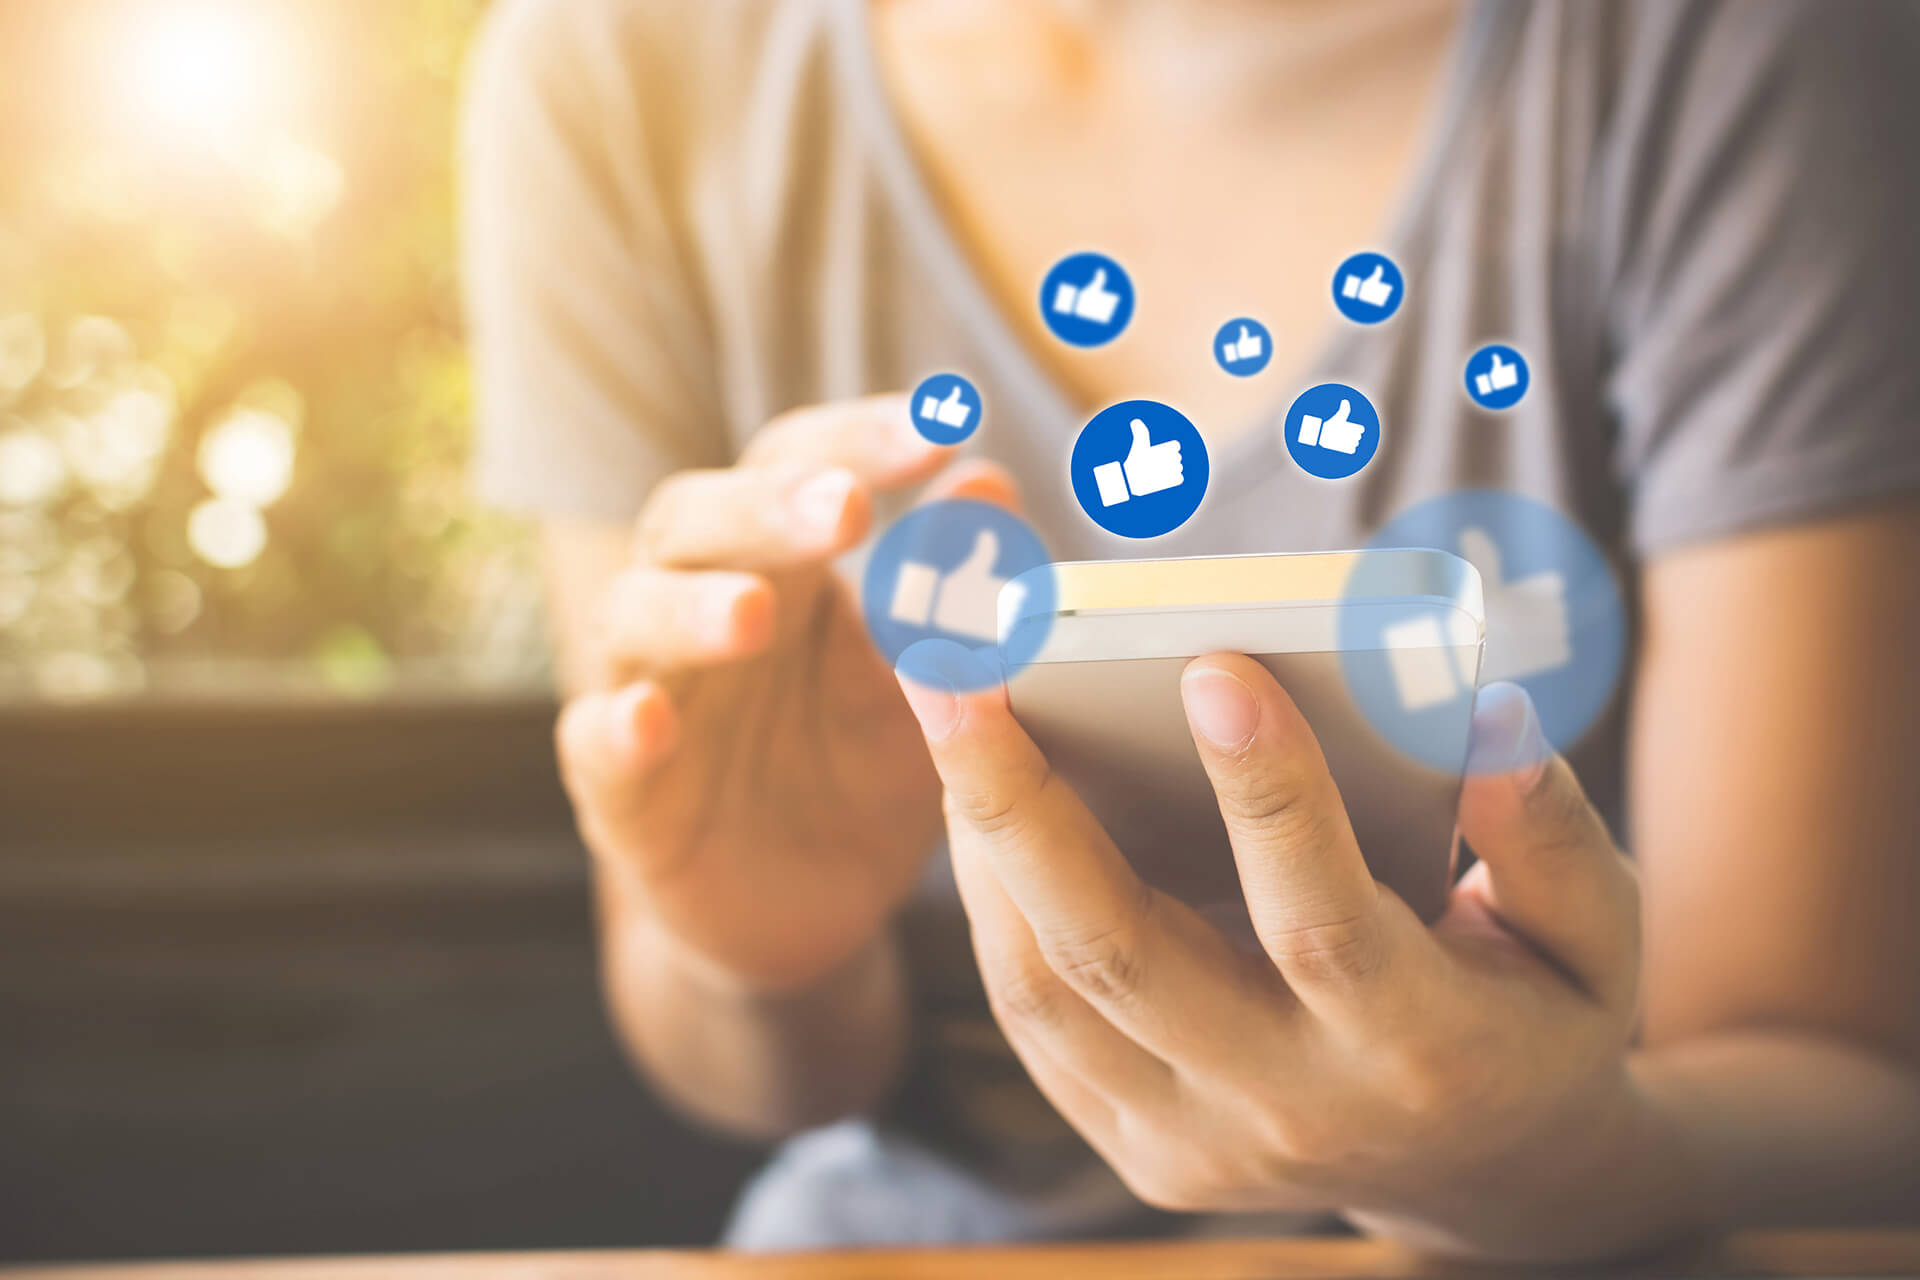 8 tendências de marketing digital em redes sociais para 2019